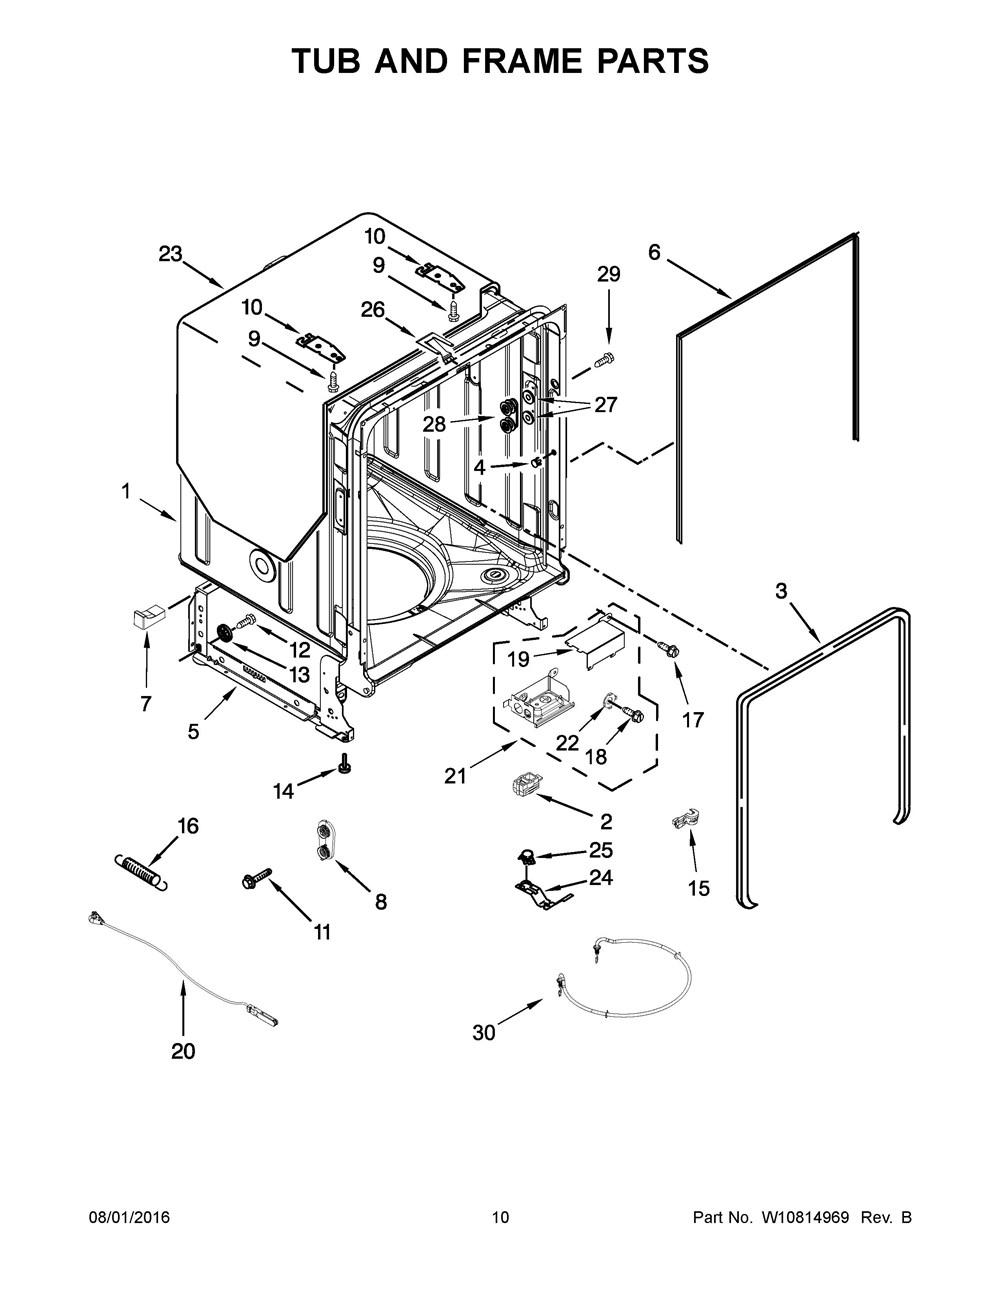 Wiring Diagrams Industrial Trash Compactor Trash Compactor